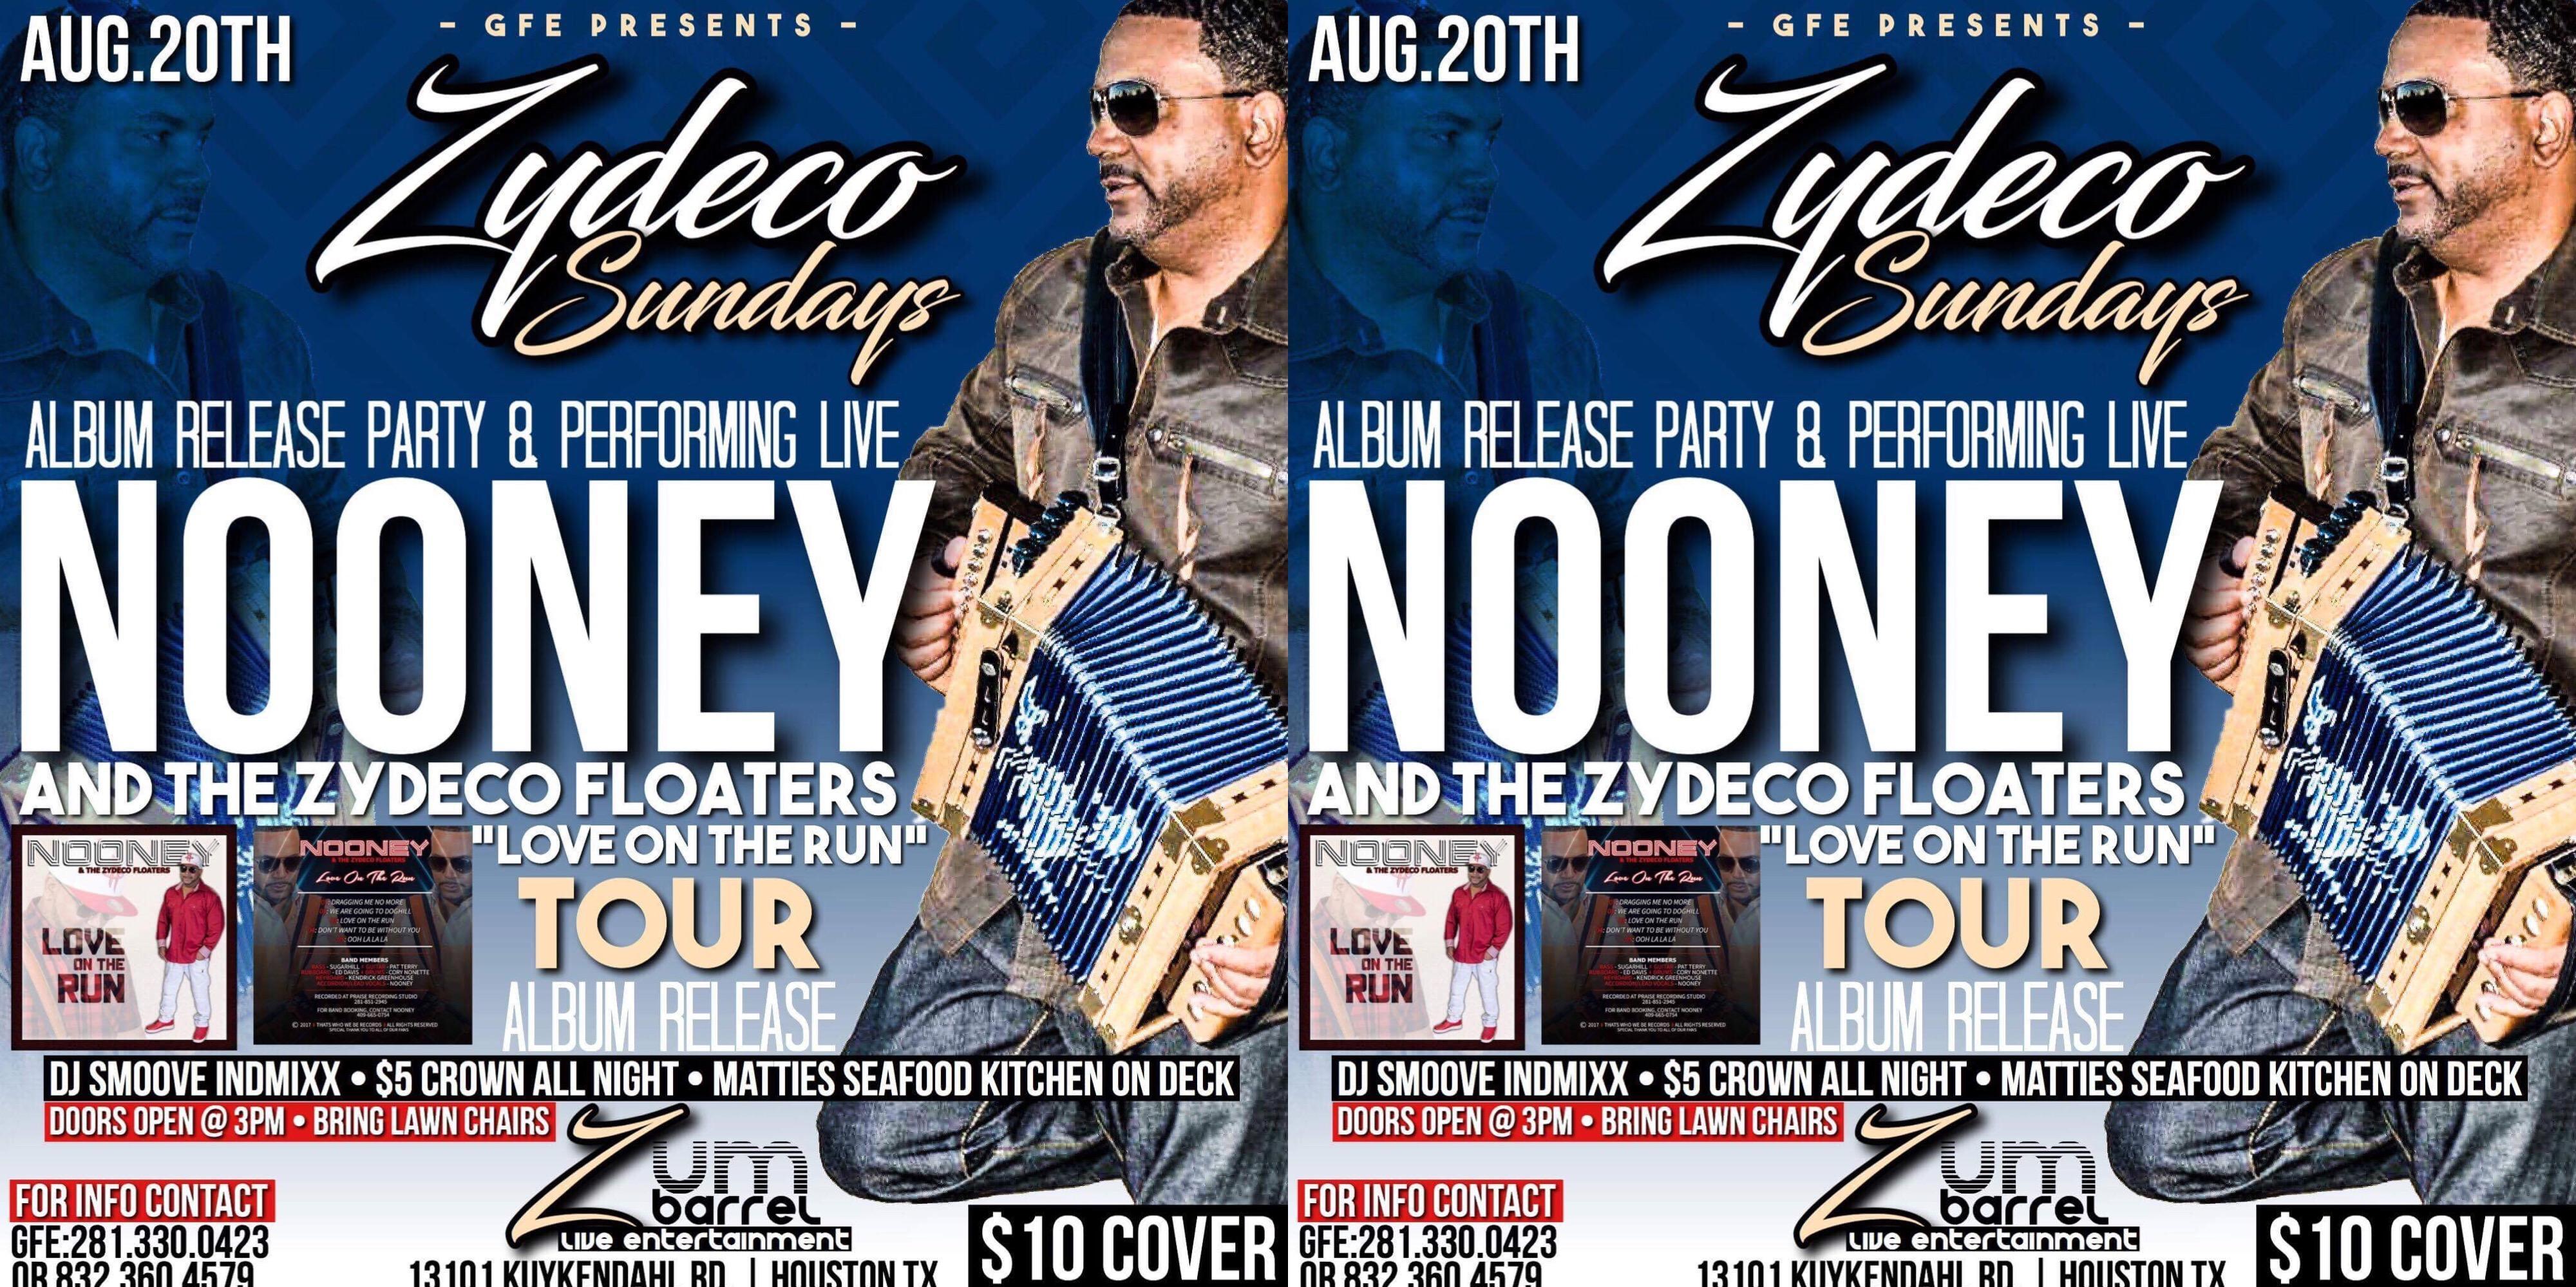 Nooney Album Release Party Zydeco Sundays